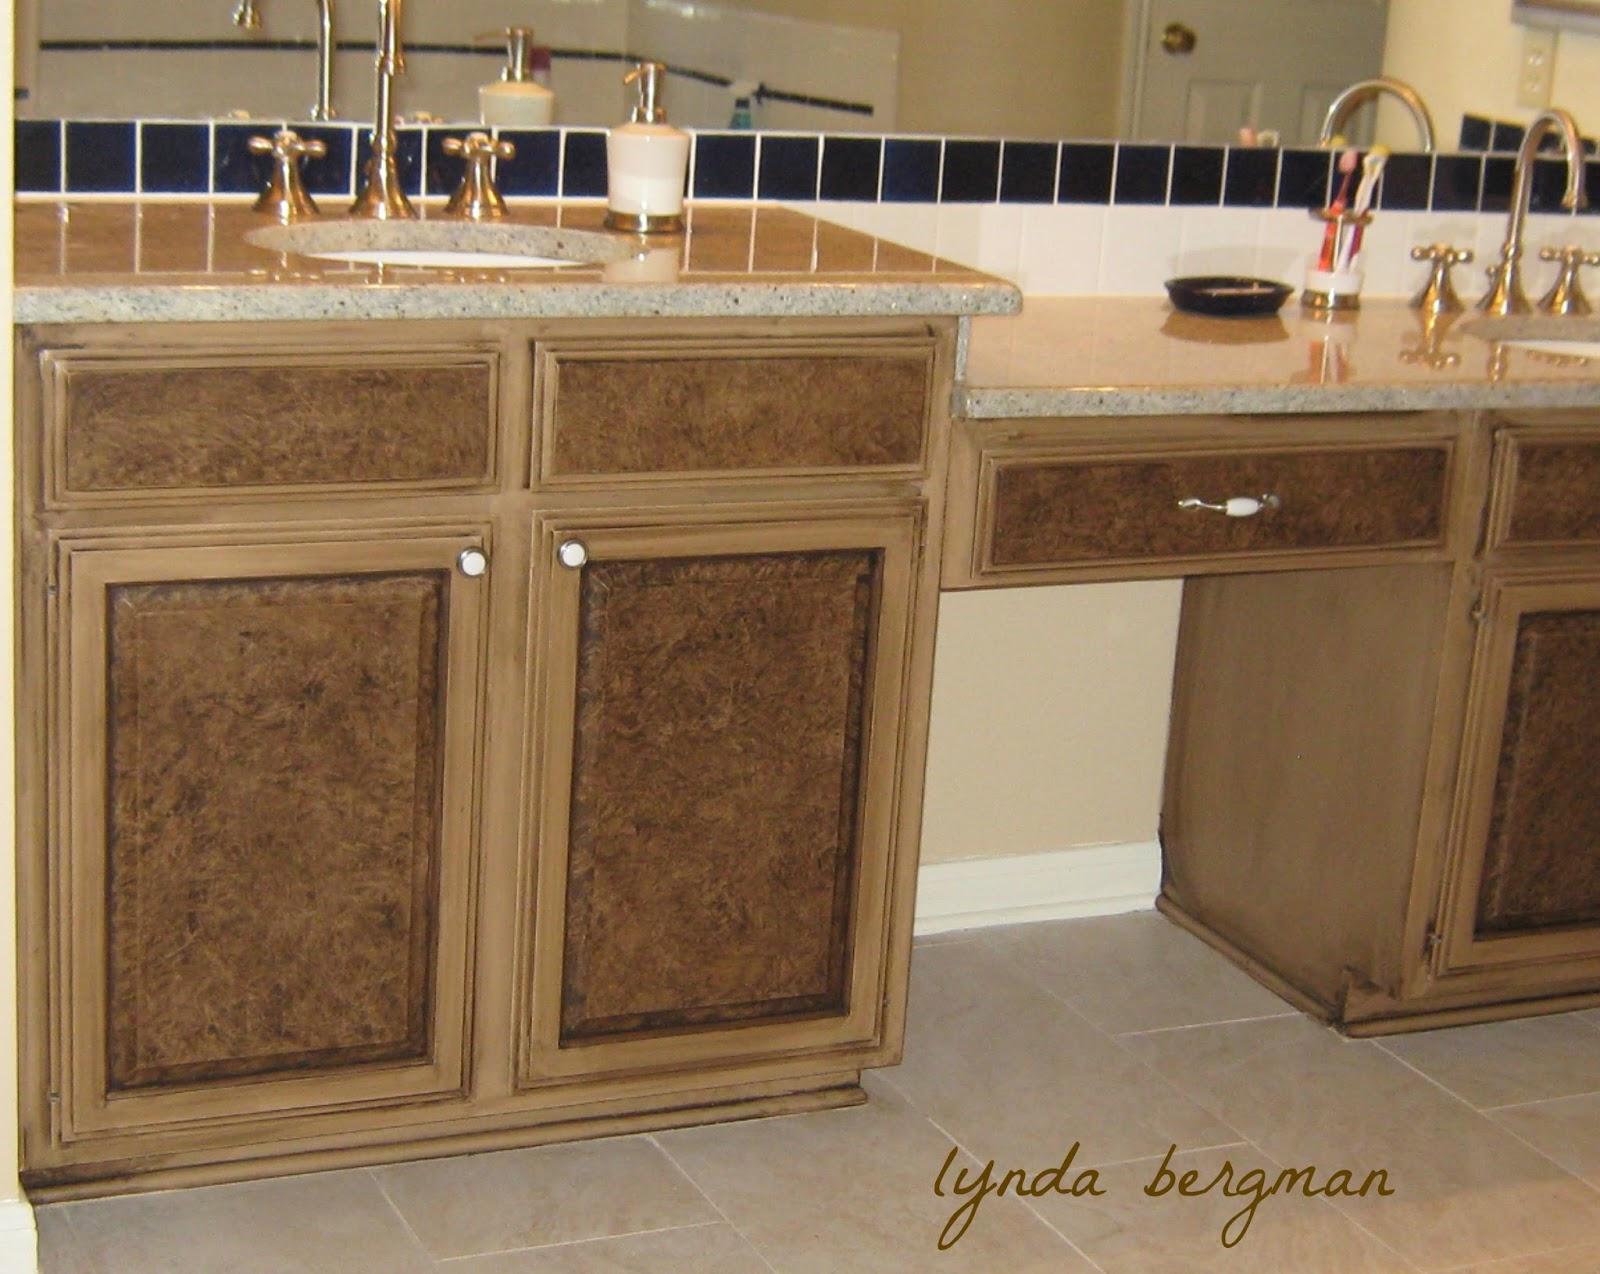 Staining Kitchen Cabinets Darker Decorate Lynda Bergman Decorative Artisan: December 2013